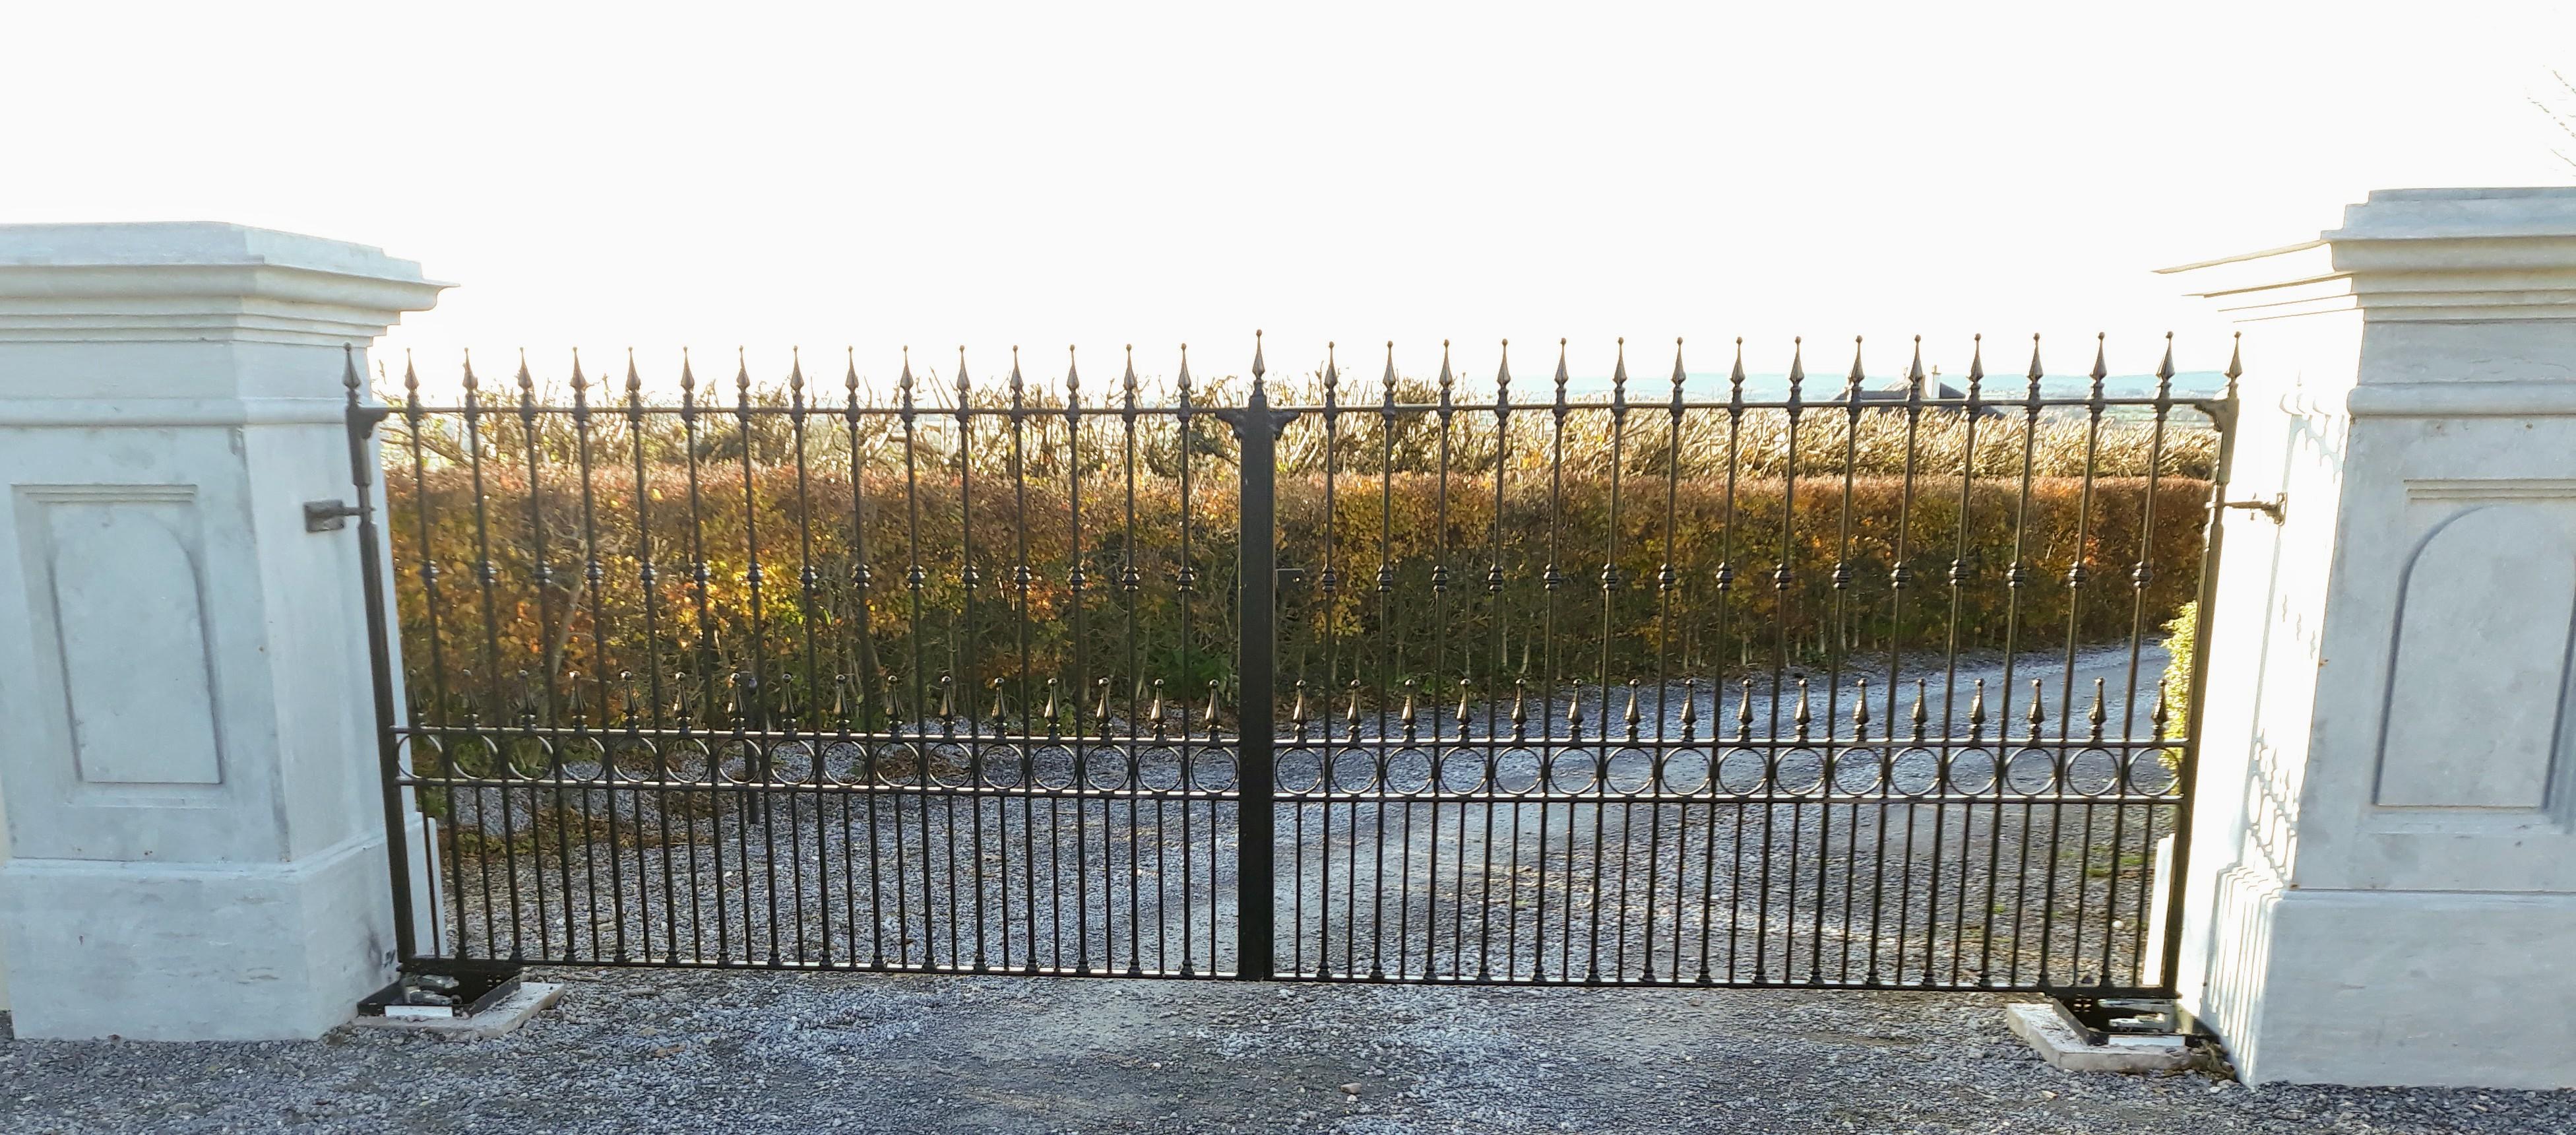 automated entrance gates, wrought iron entrance gates, automated wrought iron entrance gates, entrance gates